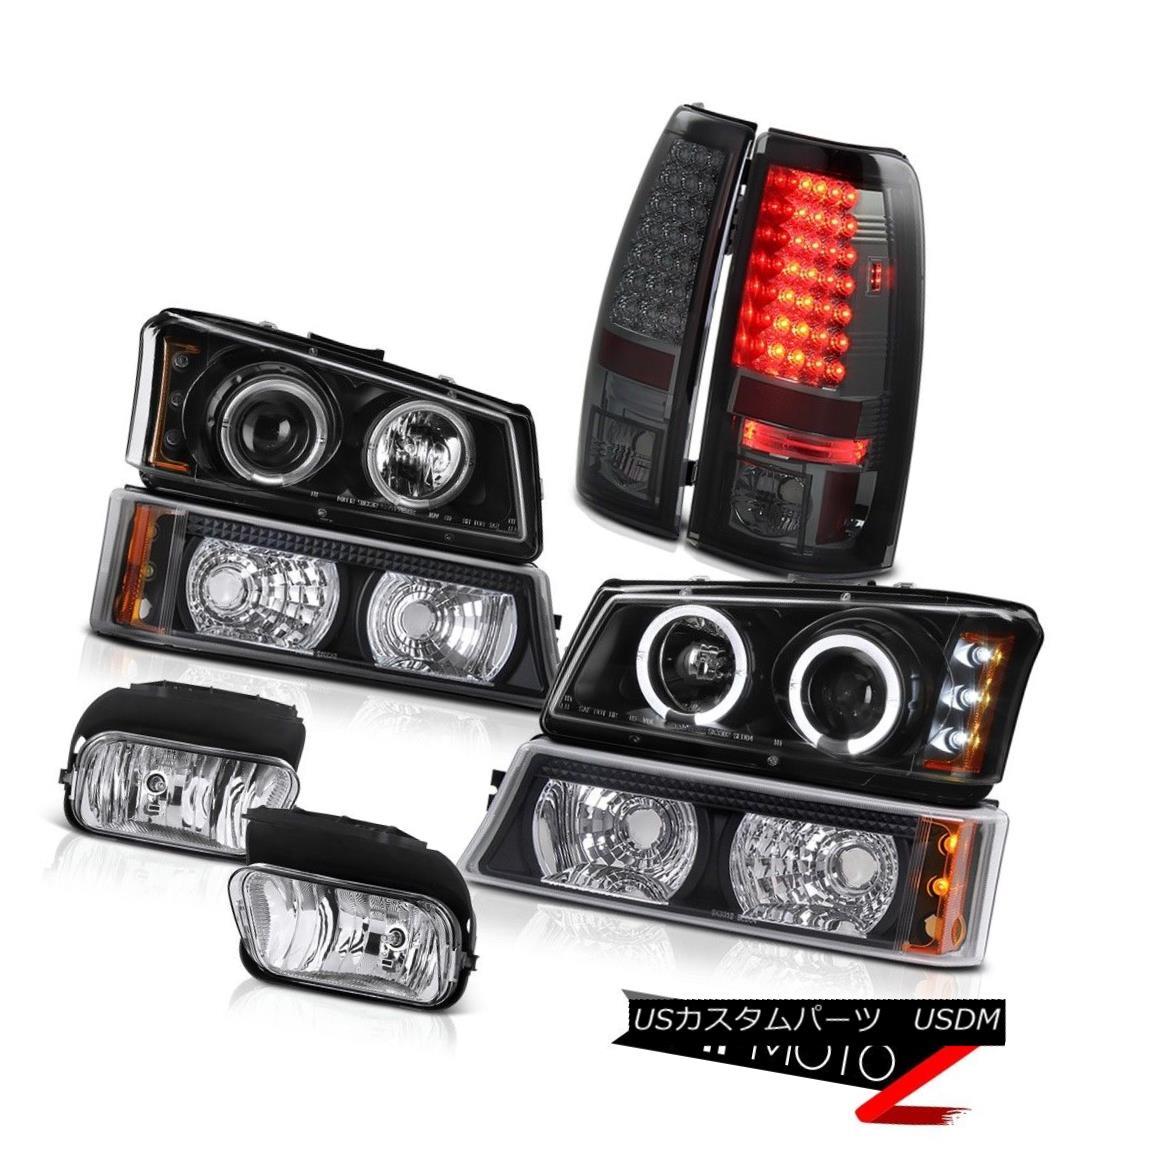 テールライト Angel Eye Halo Headlights LED Brake Tail Light Driving Fog 03-06 Chevy Silverado エンジェルアイヘイローヘッドライトLEDブレーキテールライトドライビングフォグ03-06 Chevy Silverado